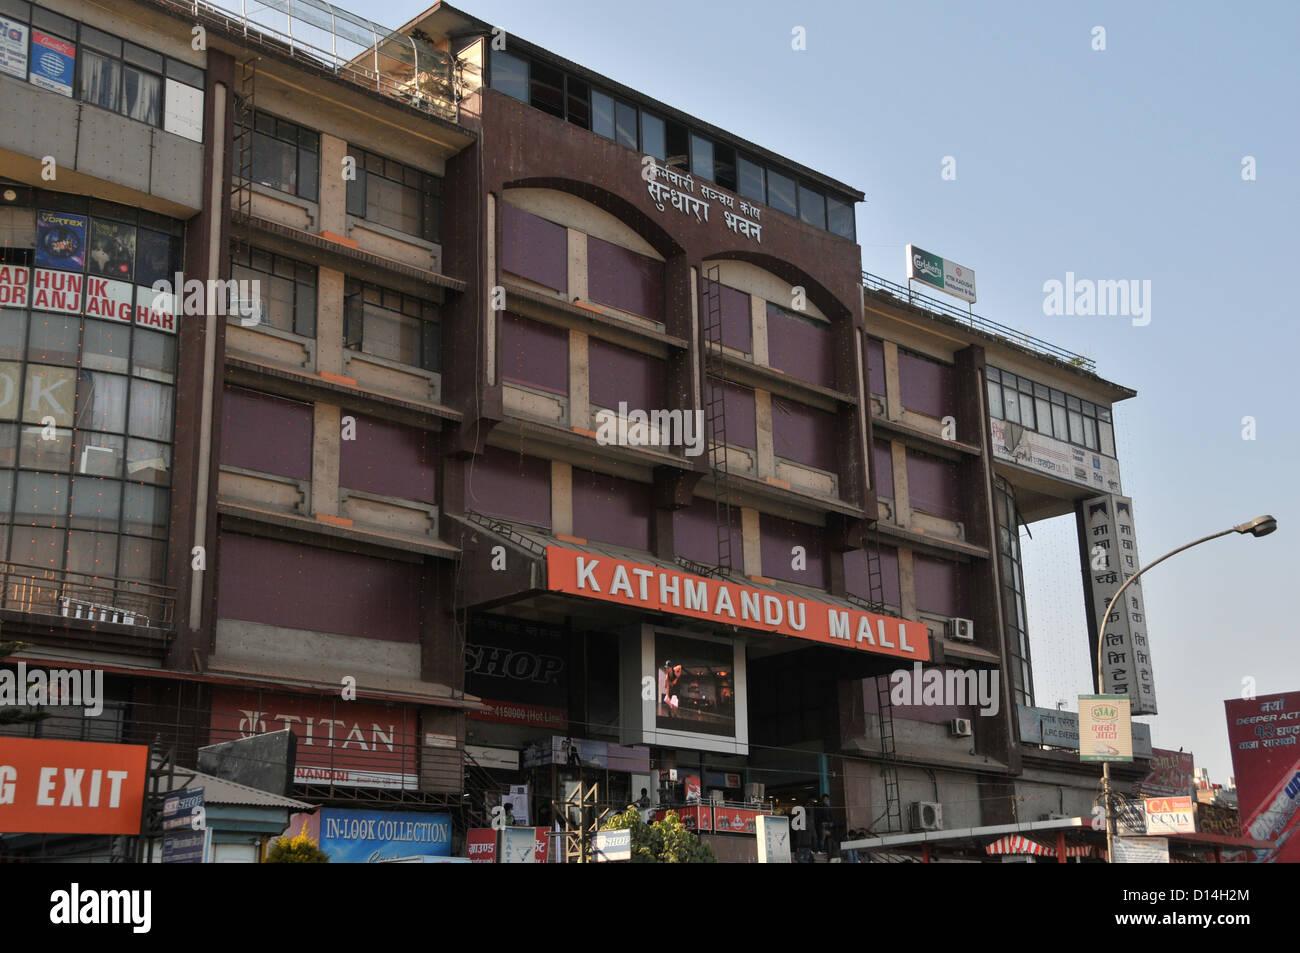 Mall Katmandu Nepal - Stock Image